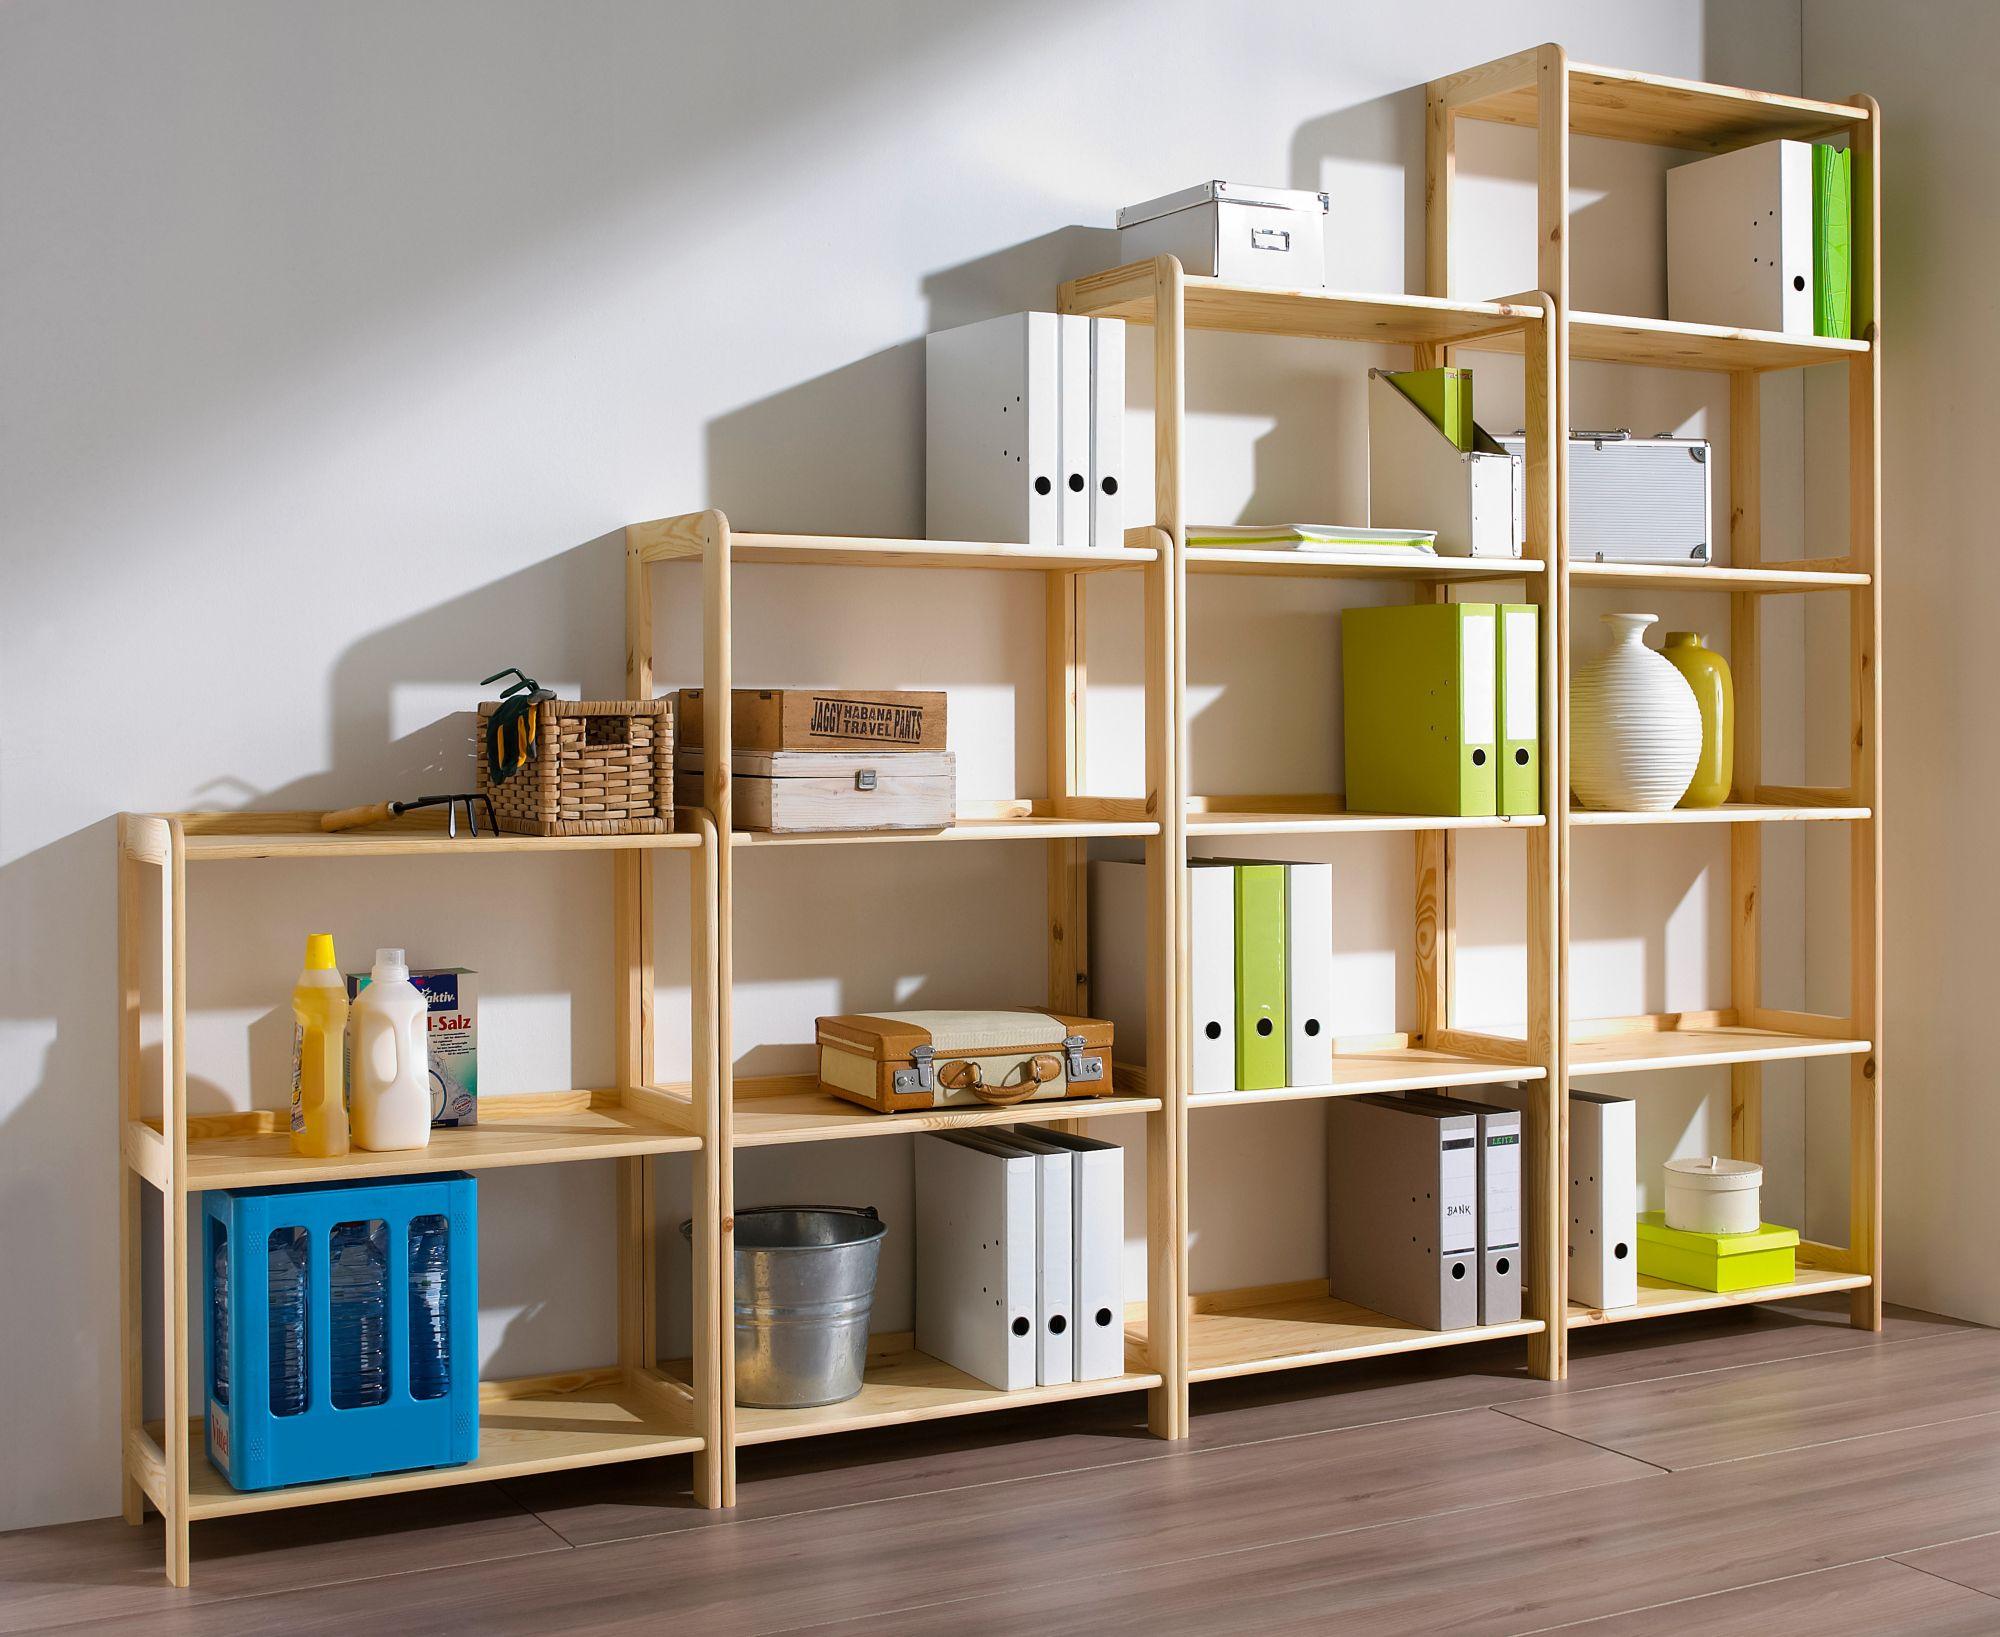 holz allzweck regal in 4 h hen schwab versand kellerregale. Black Bedroom Furniture Sets. Home Design Ideas